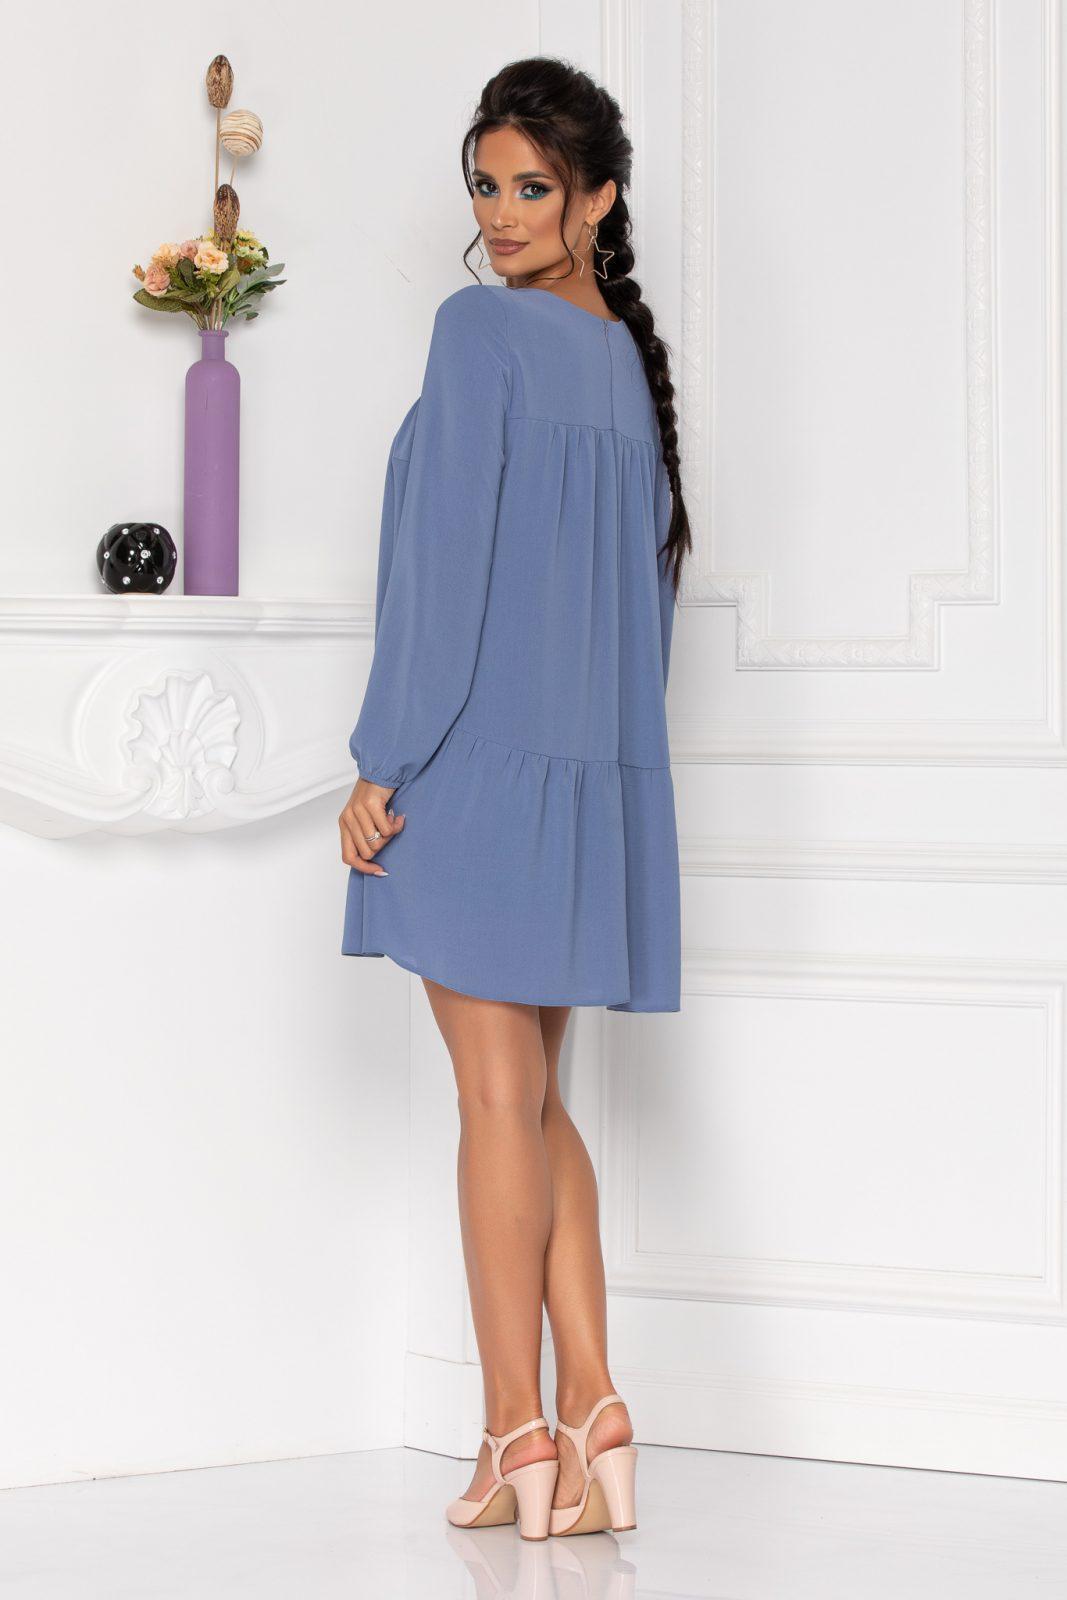 Μπλε Φόρεμα Με Μανίκι Moze Maya 8442 1